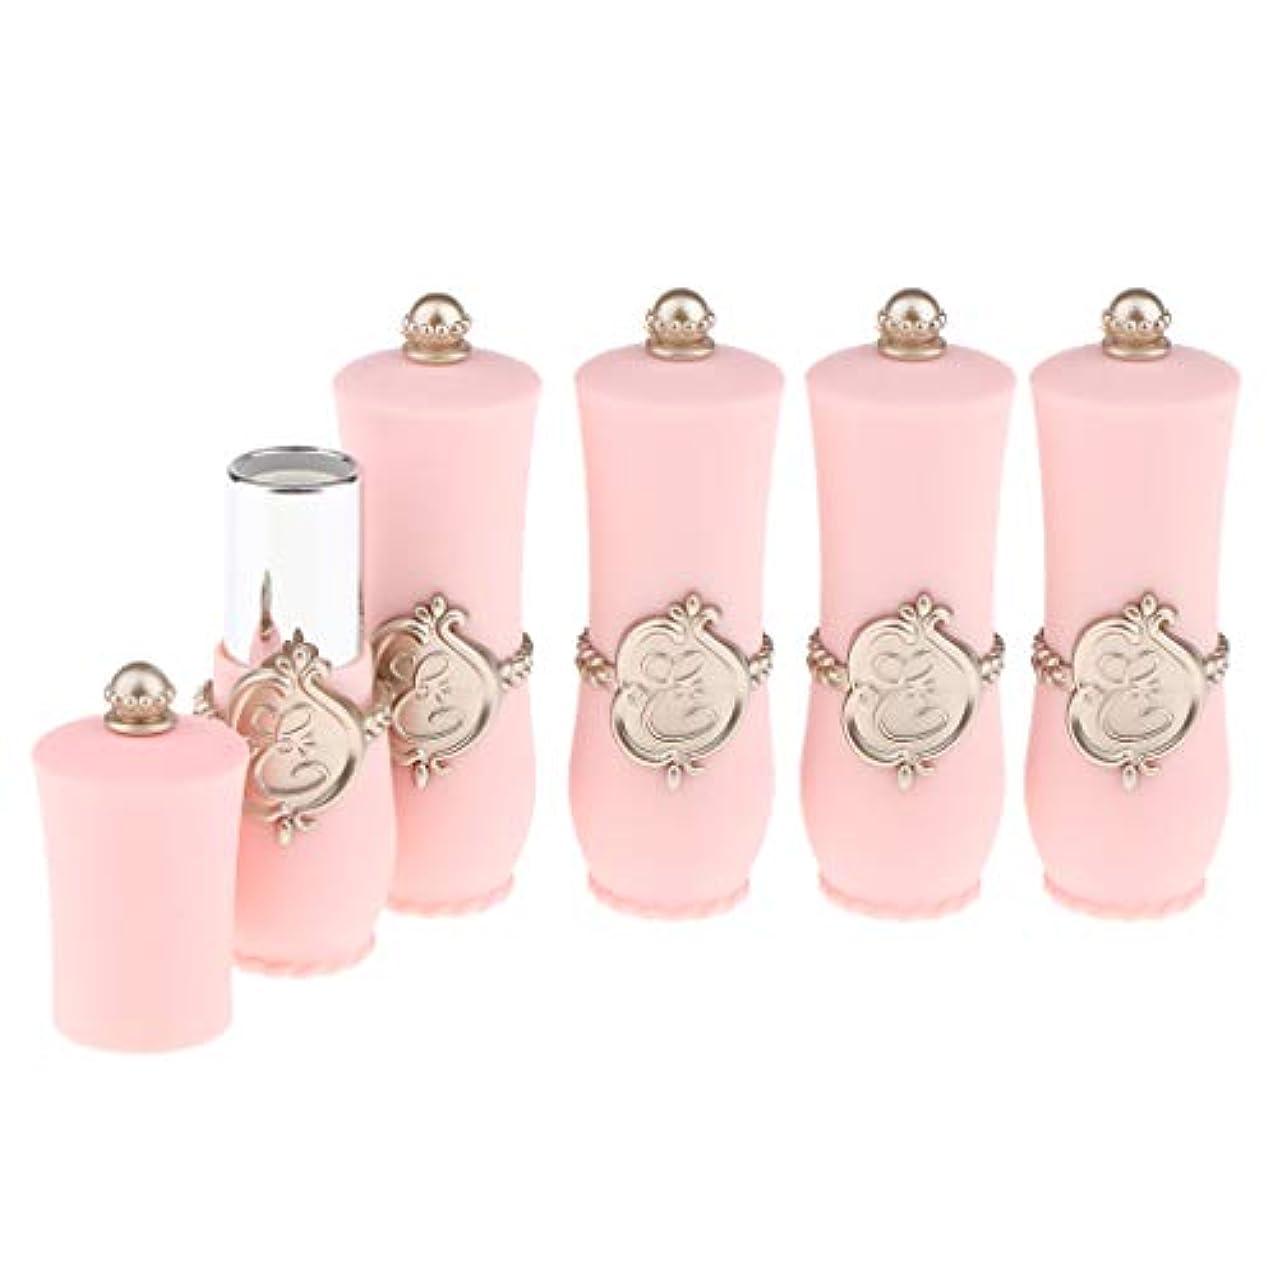 引き付けるルーキー摂氏度CUTICATE 口紅サンプル リップ クリーム チューブ 小分けボトル リップスティック 口紅 包装材料 全2色 - ピンク